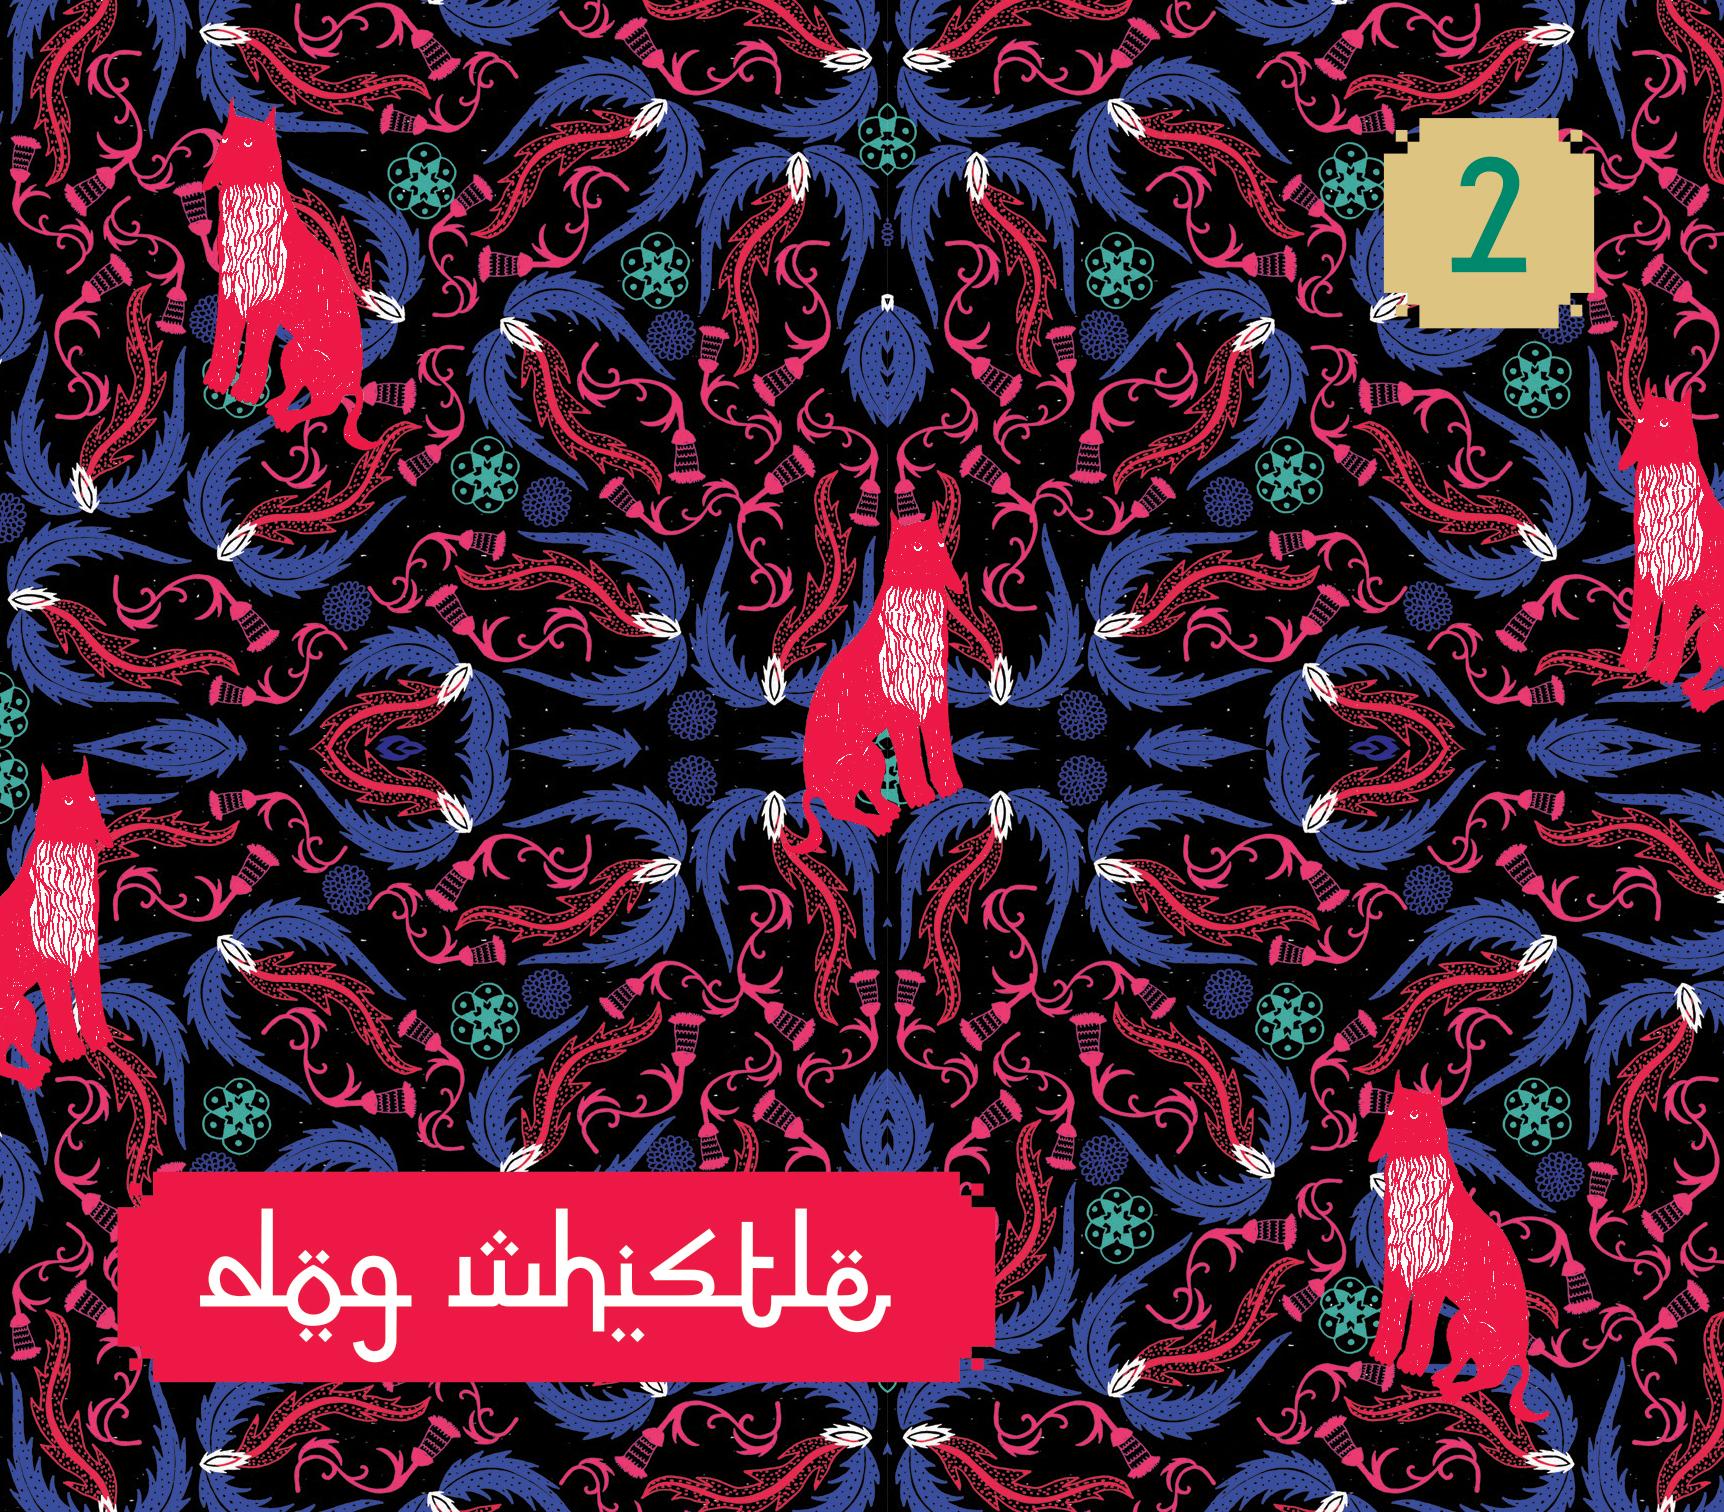 Kolorowa okładka płyty zespołu Dog Whistle